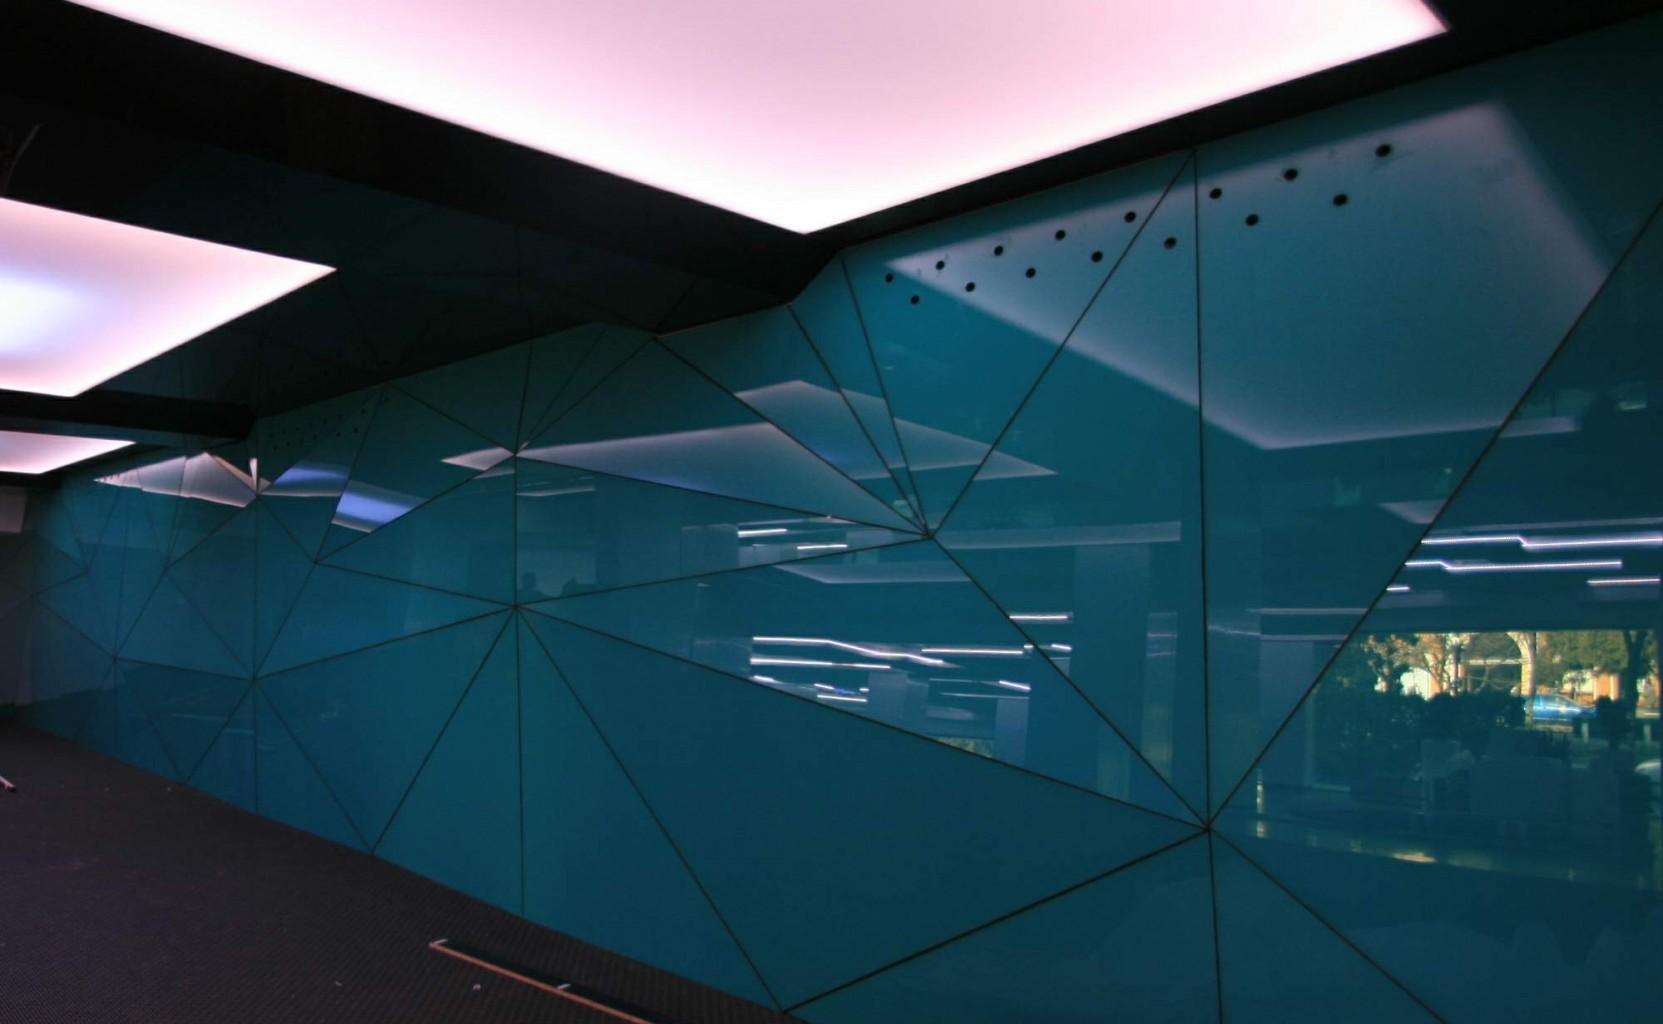 perete sticla triangular variabil cu gauri superioare pentru ventilatie spatiu